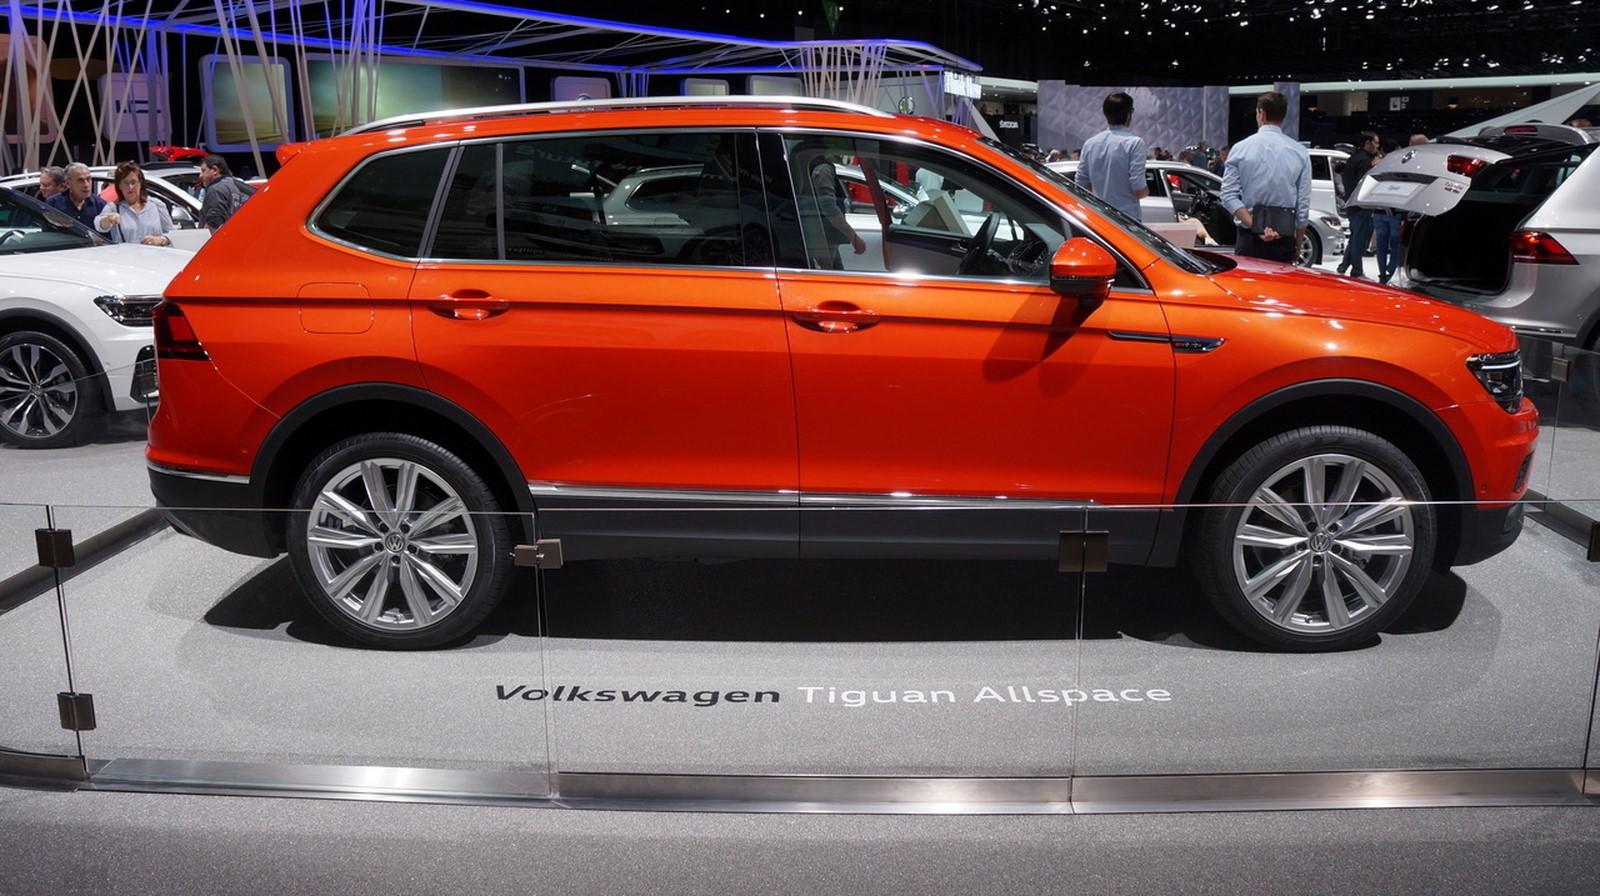 VW Tiguan II Allspace